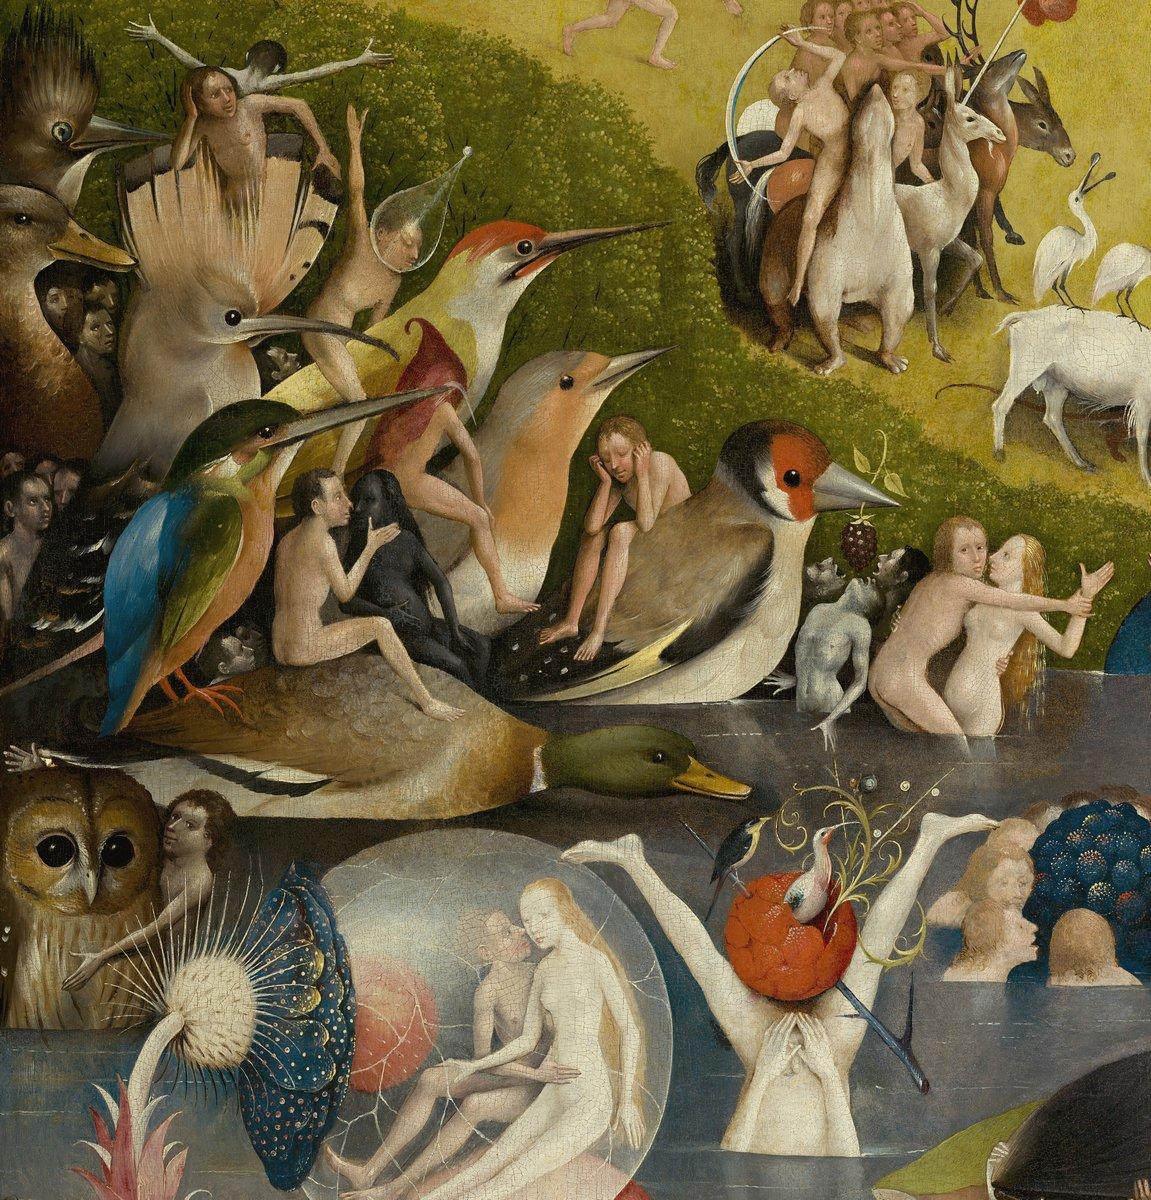 """Искусство, картина """"Босх Иероним «Сад земных наслаждений»,  фрагмент"""", 20x21 см, на бумаге от Artwall"""